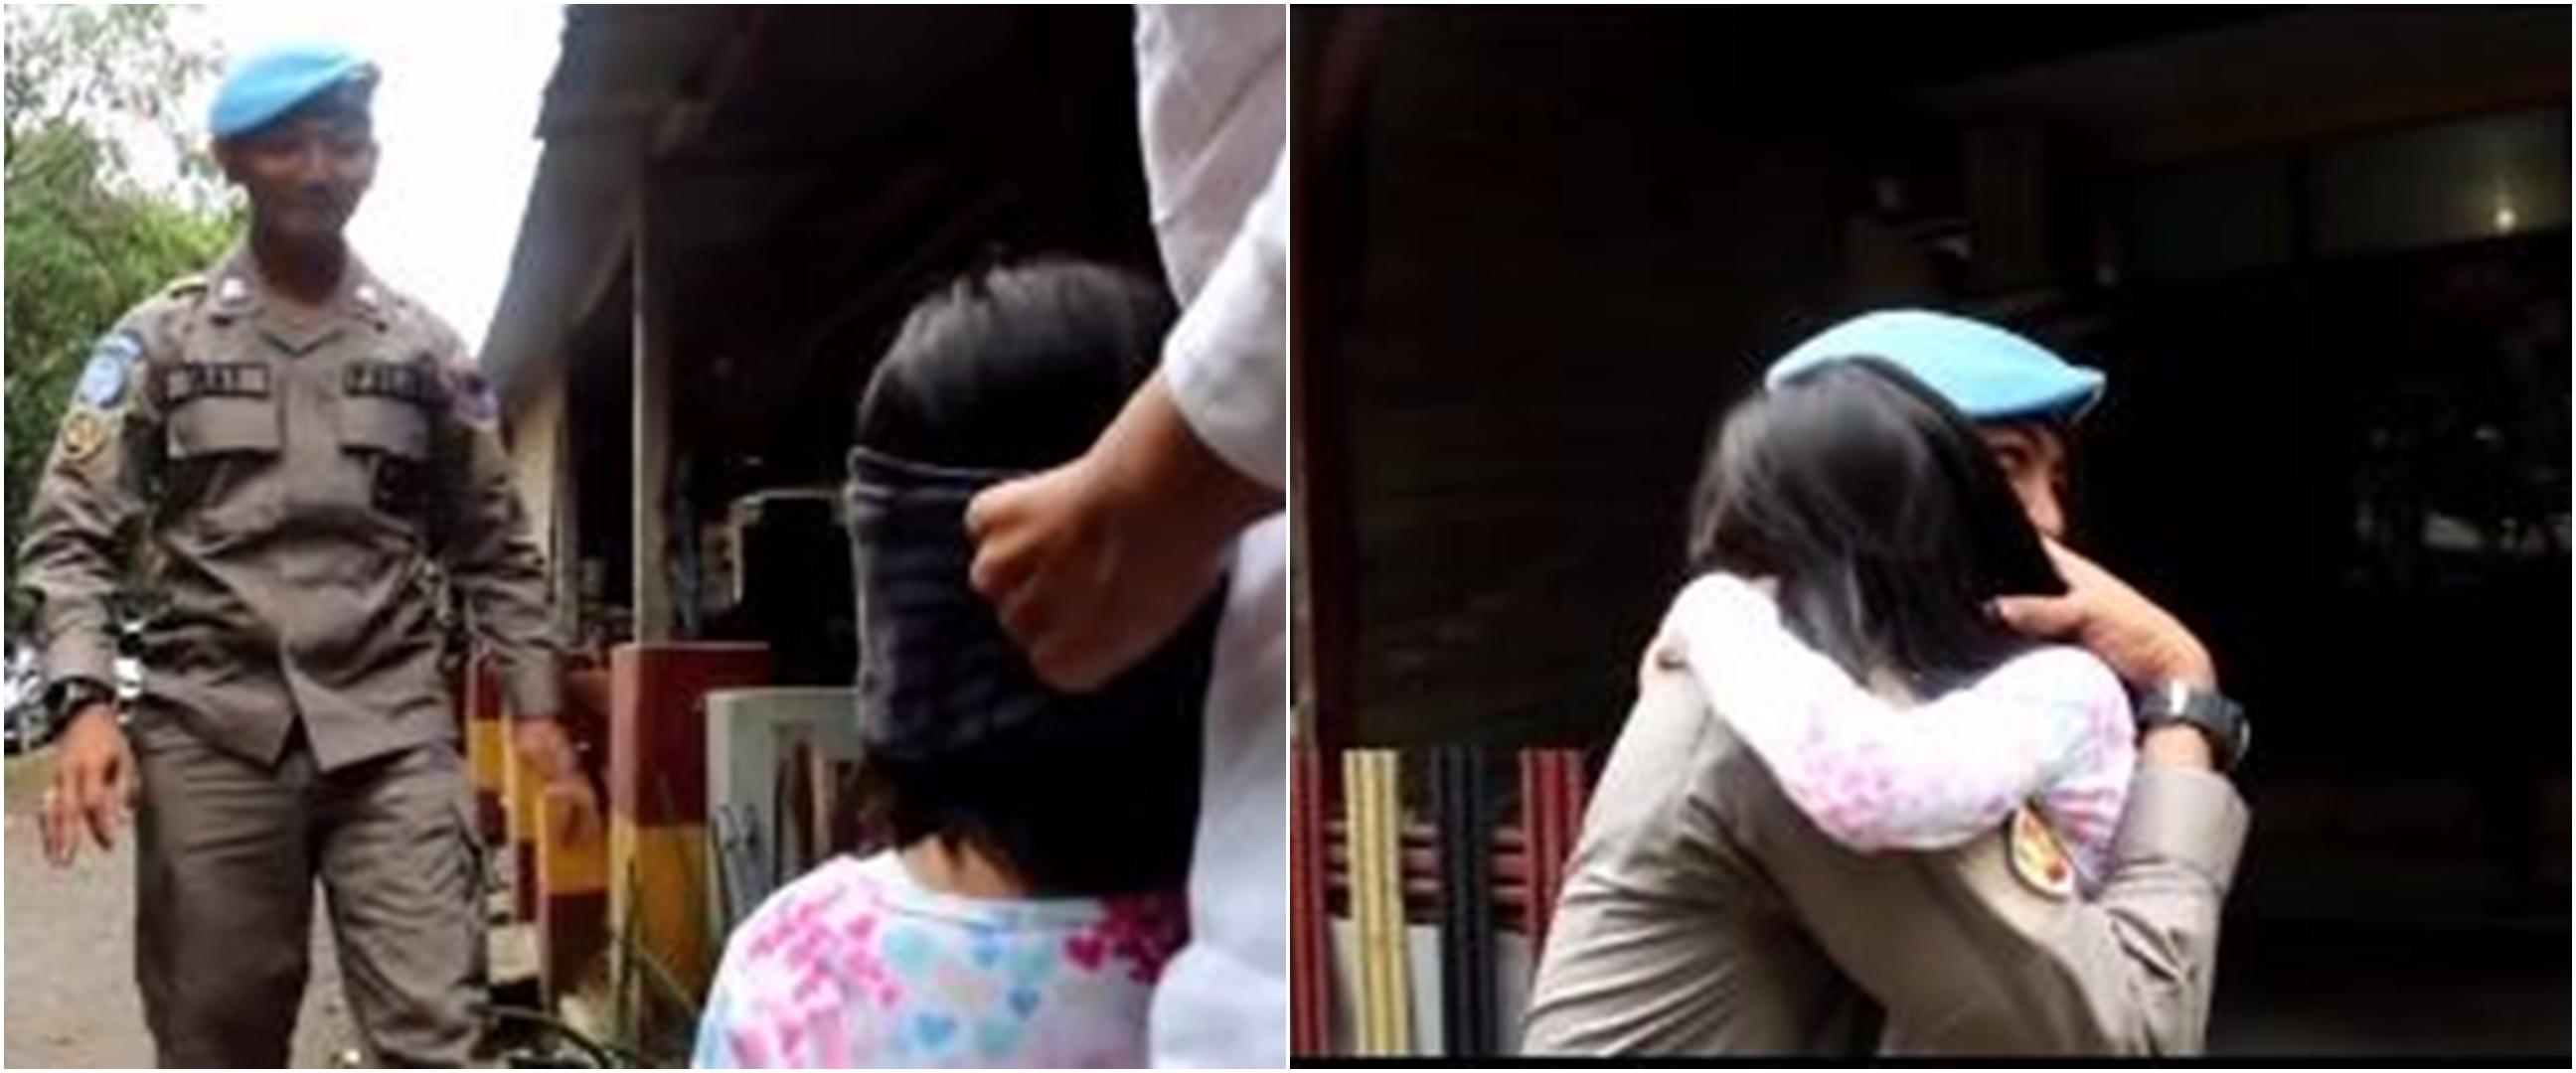 Pertemuan haru anak dan ayahnya yang lama pergi karena tugas negara